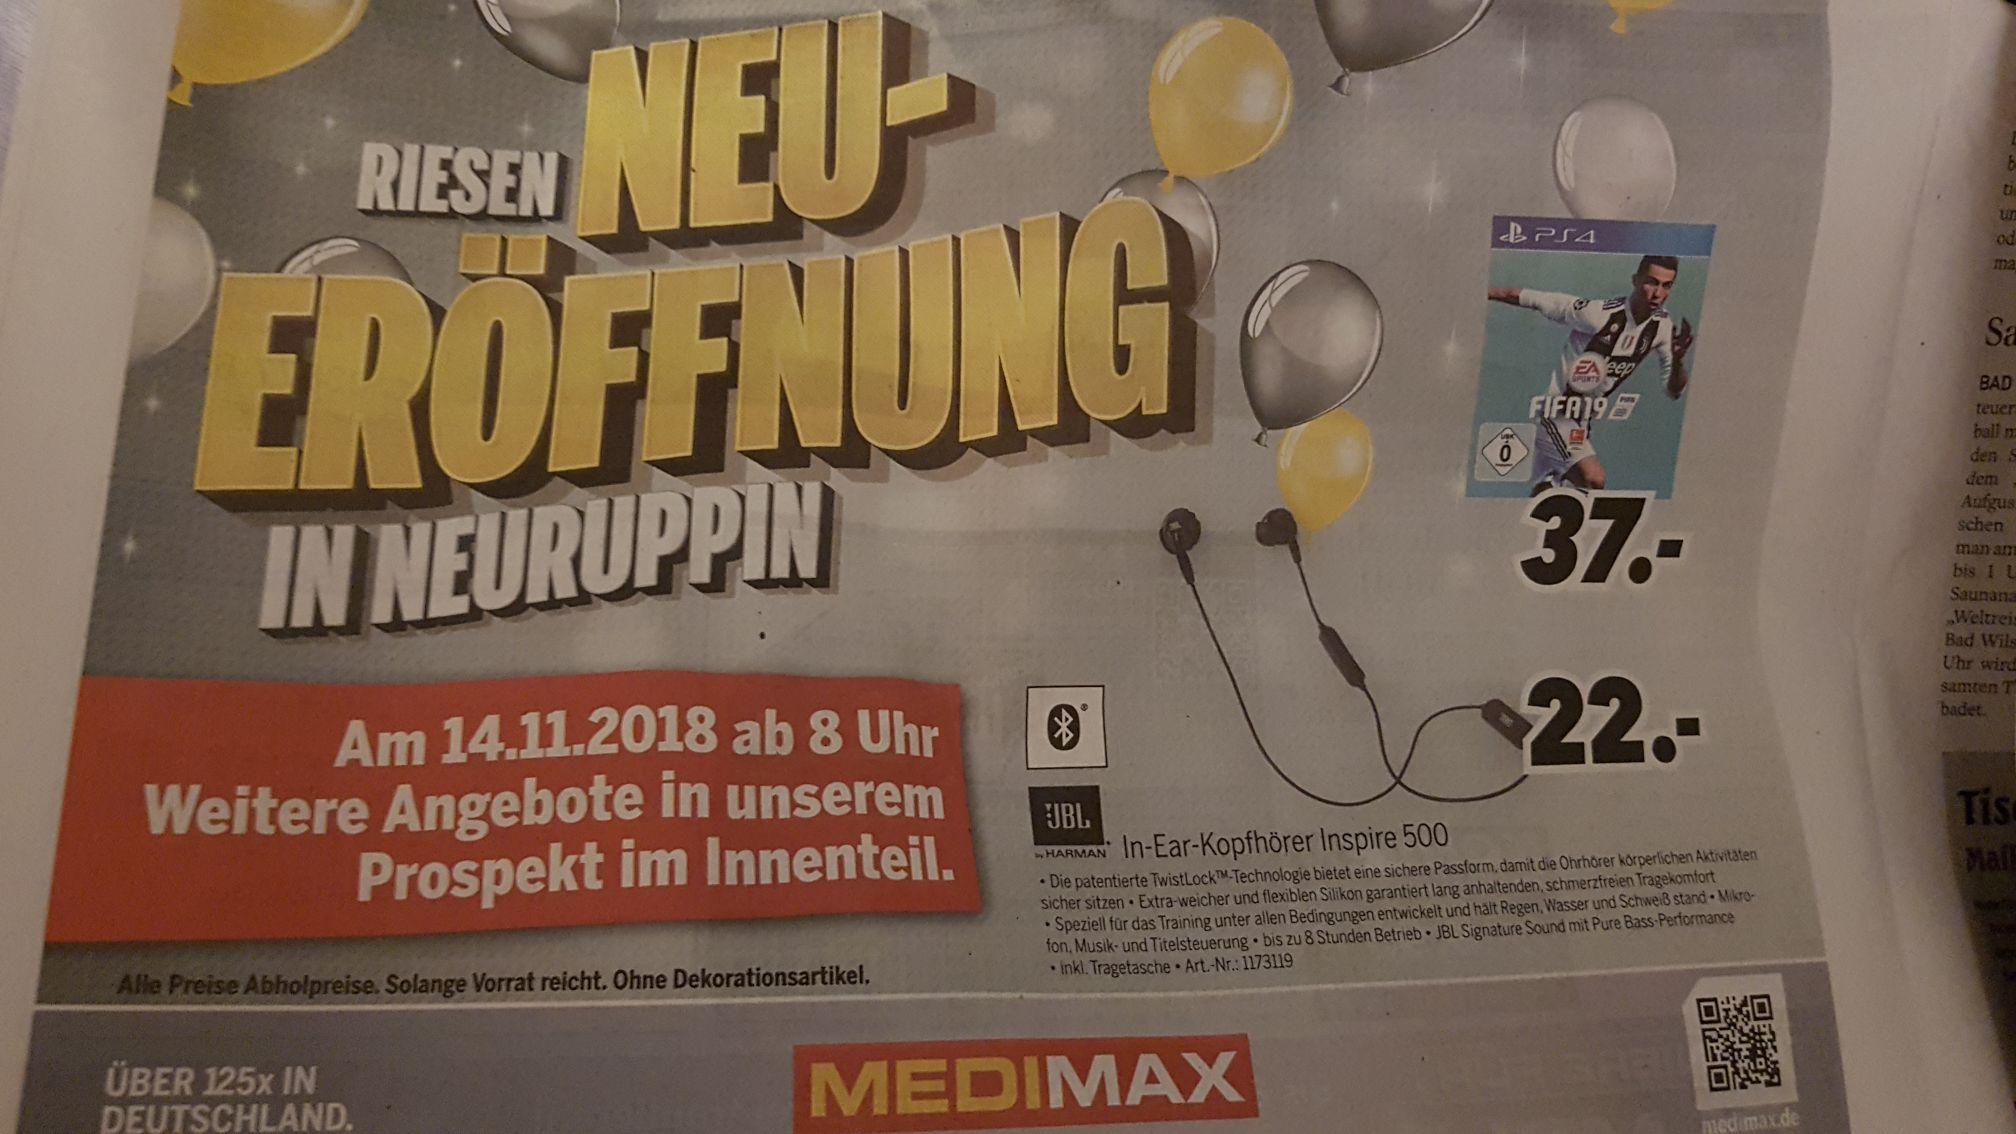 Medimax Neuruppin - Fifa 19 (PS4) für 37,- und JBL Inspire 500 für 22,-